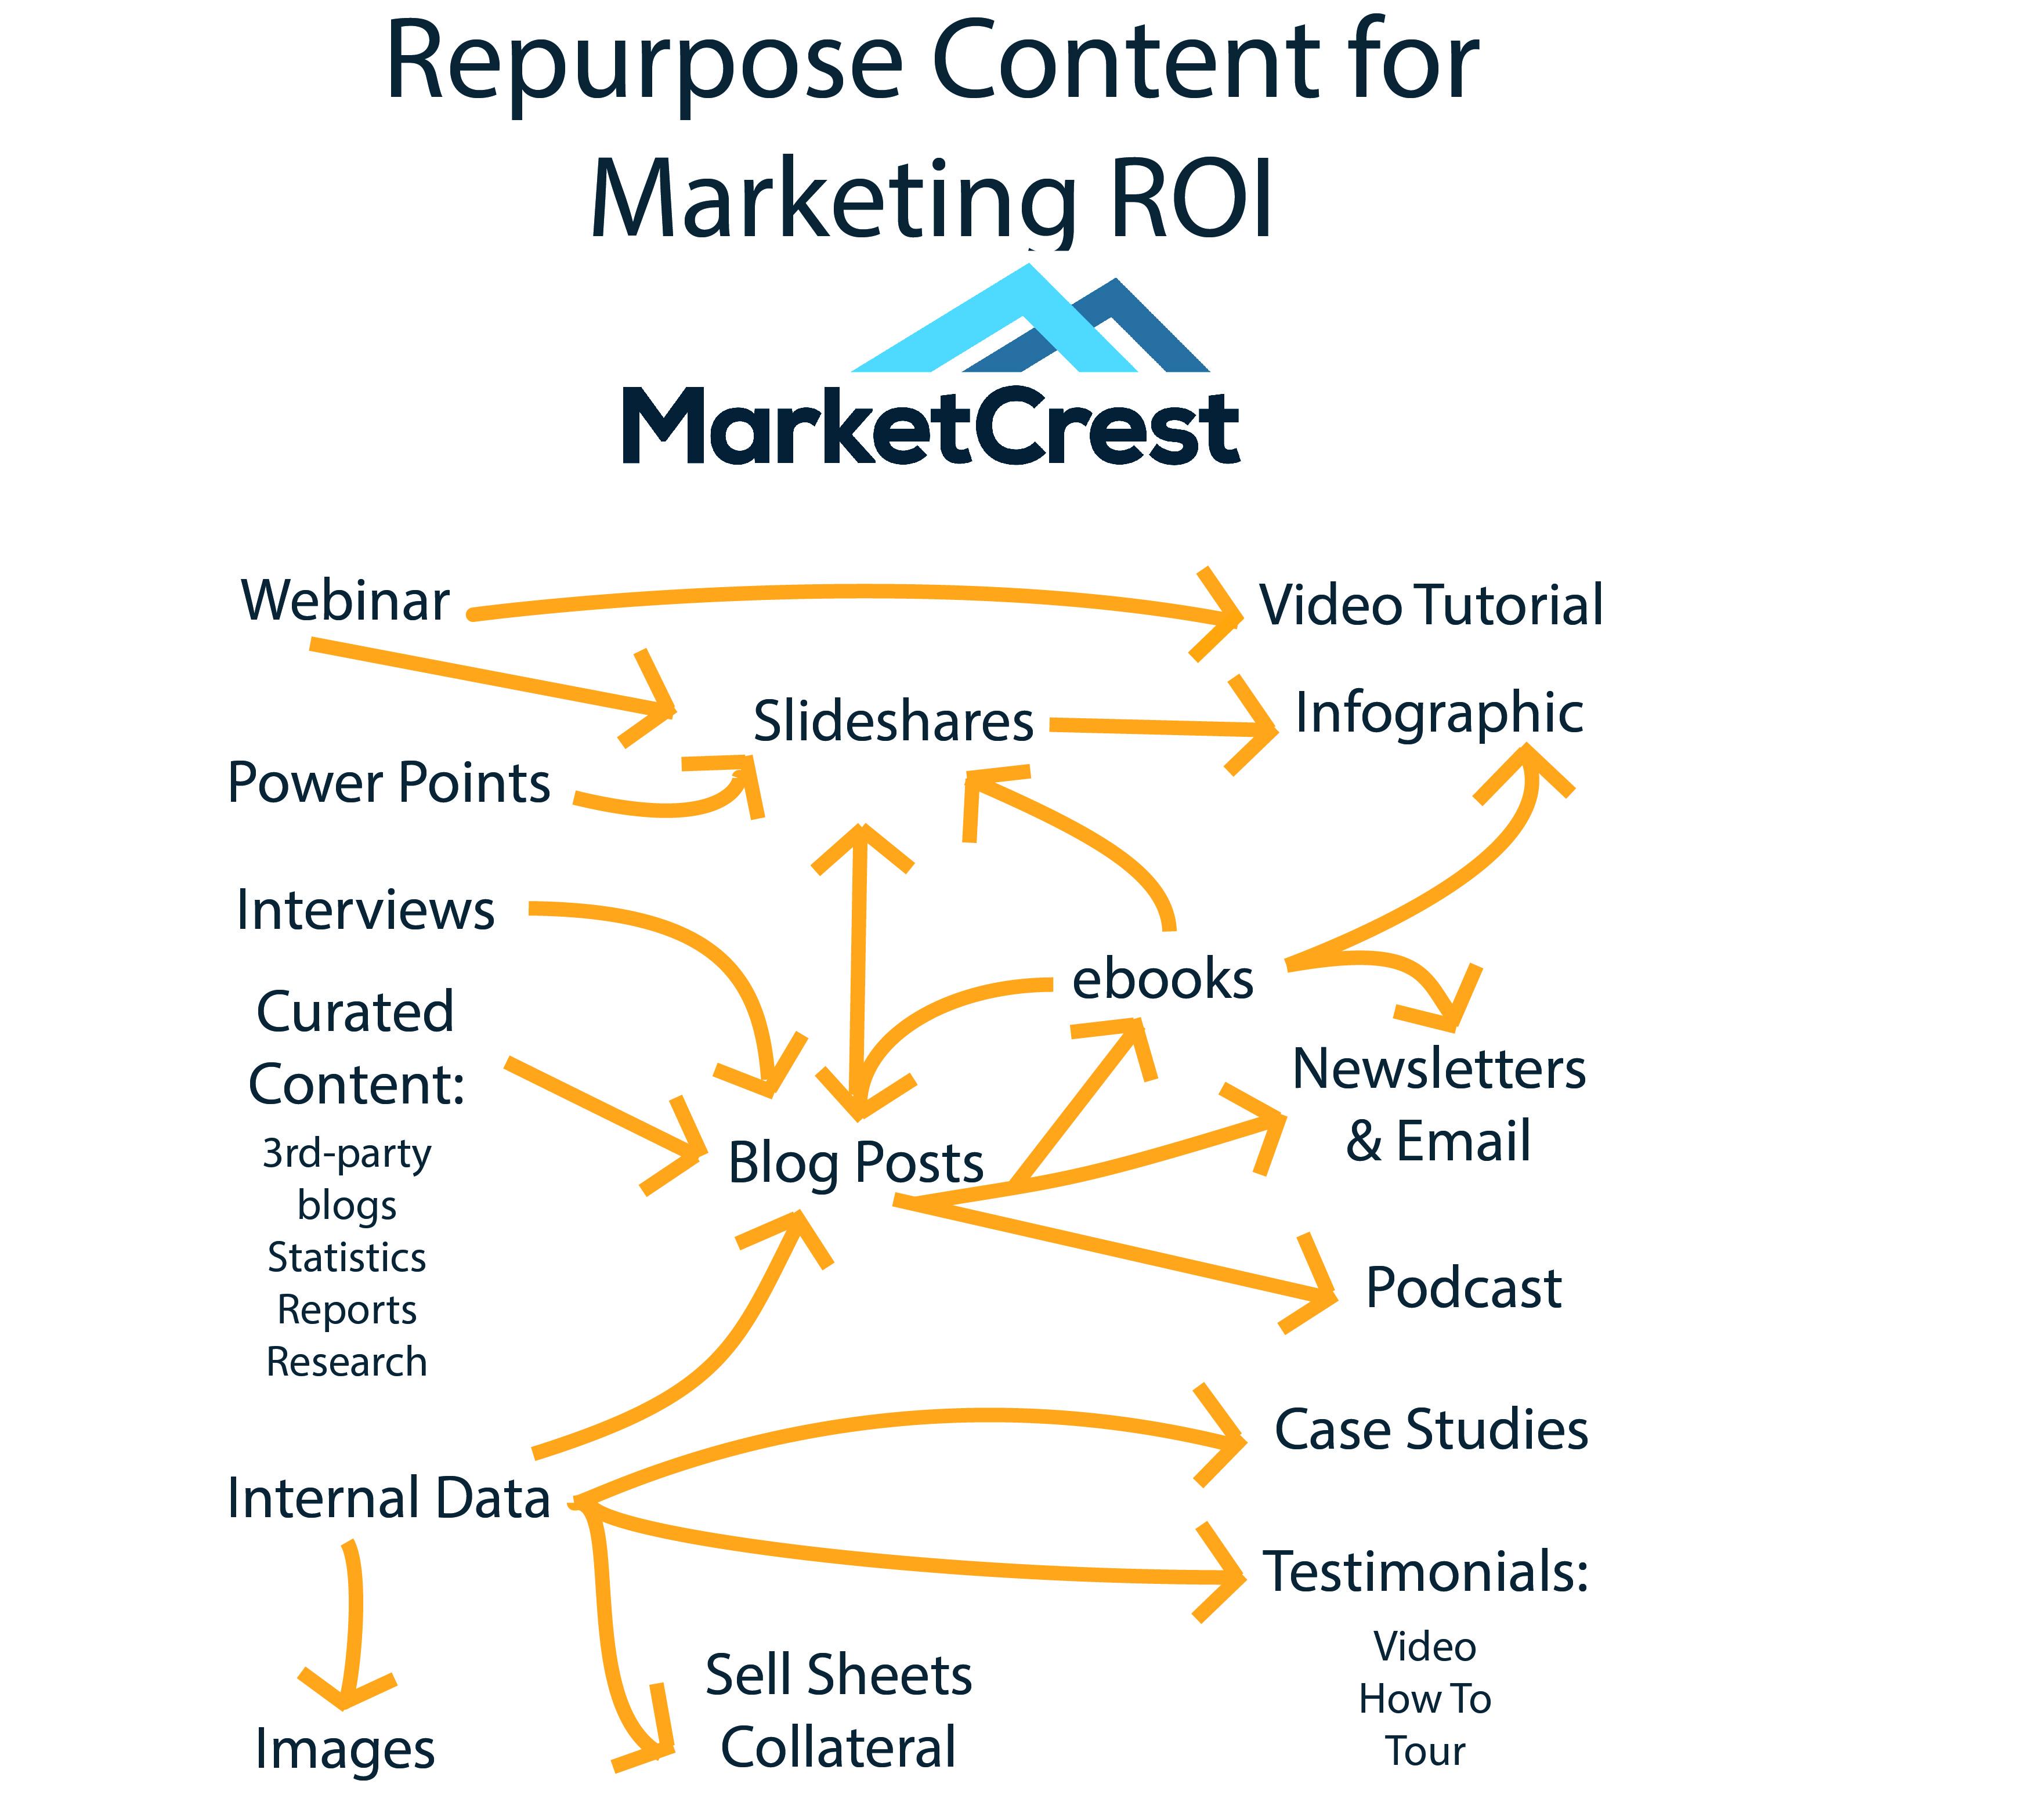 marketcrest repurposing content